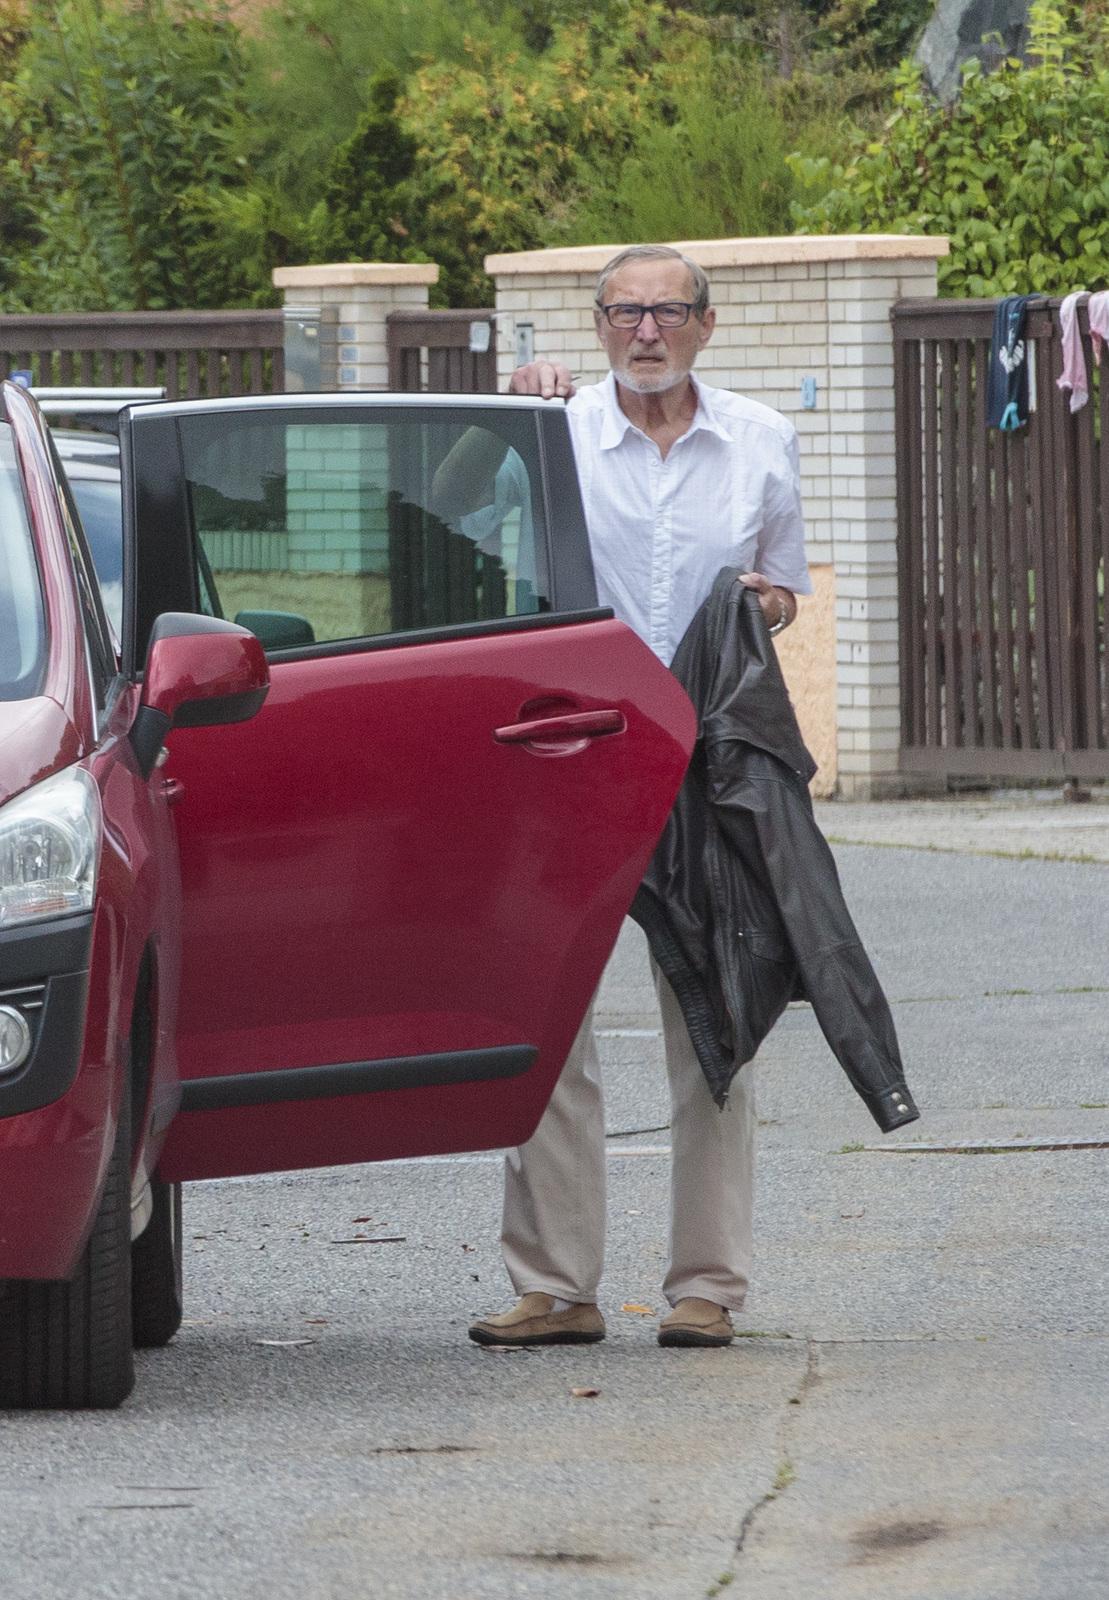 Ladislav Frej po smrti partnerky Gábiny před svým domem v pražských Hostivicích.